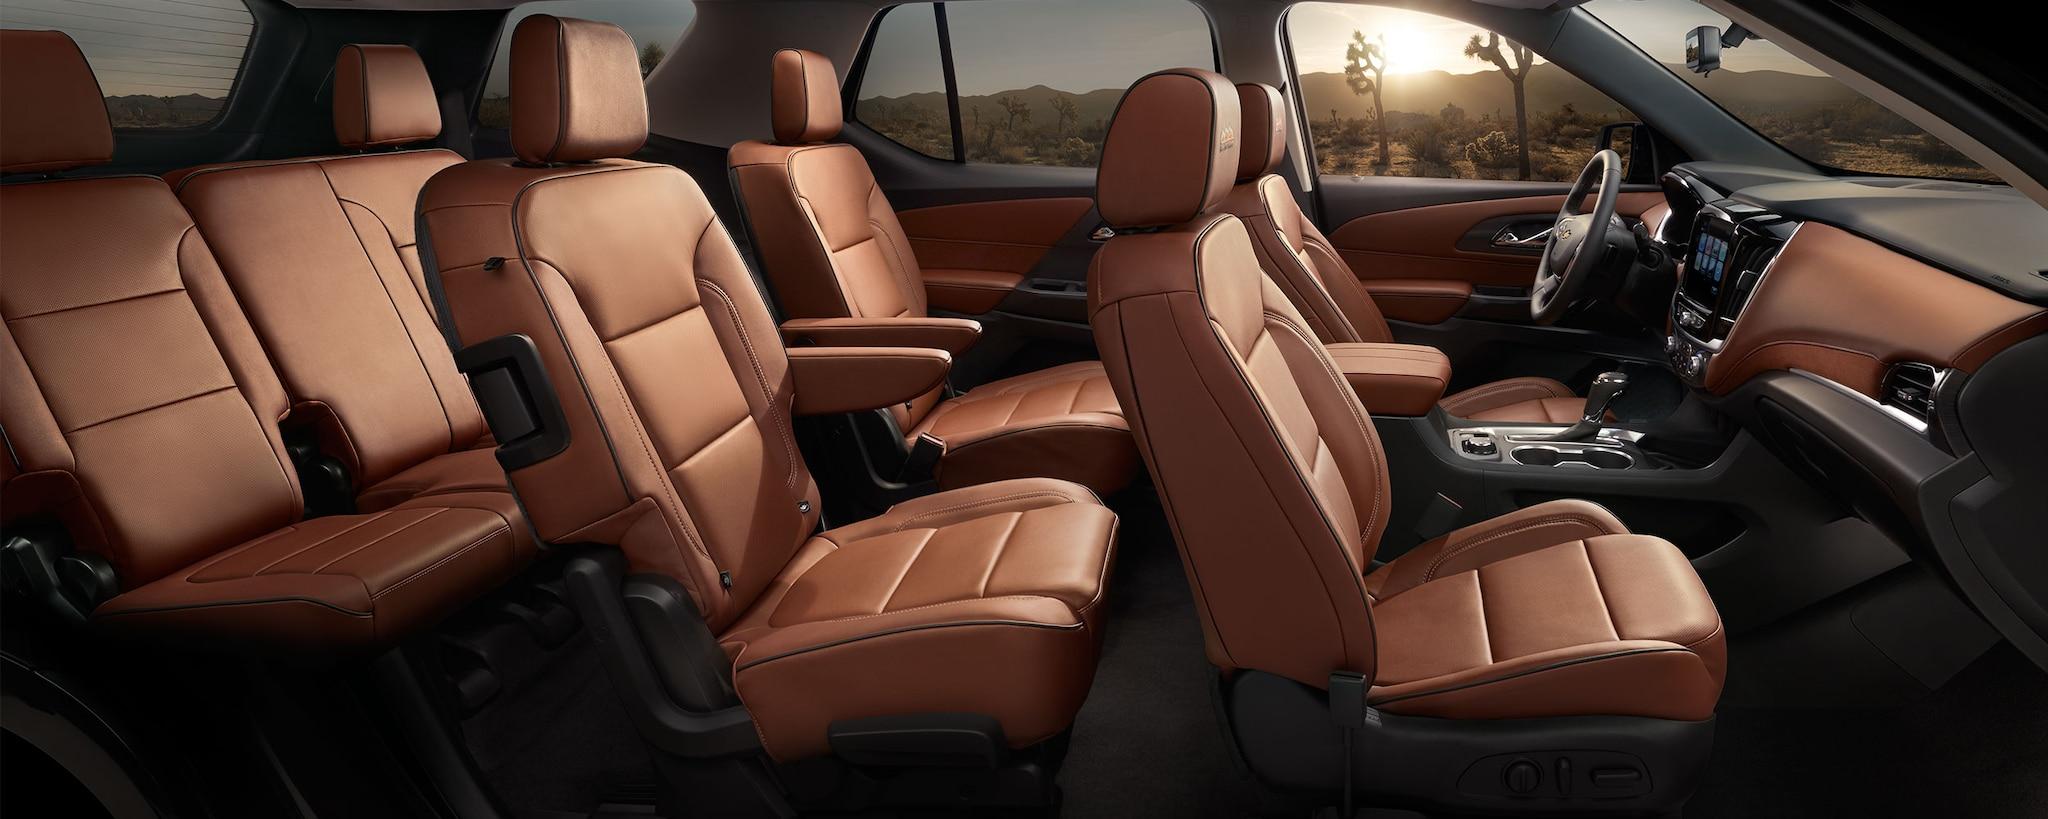 SUV Crossover de Chevrolet: Interior